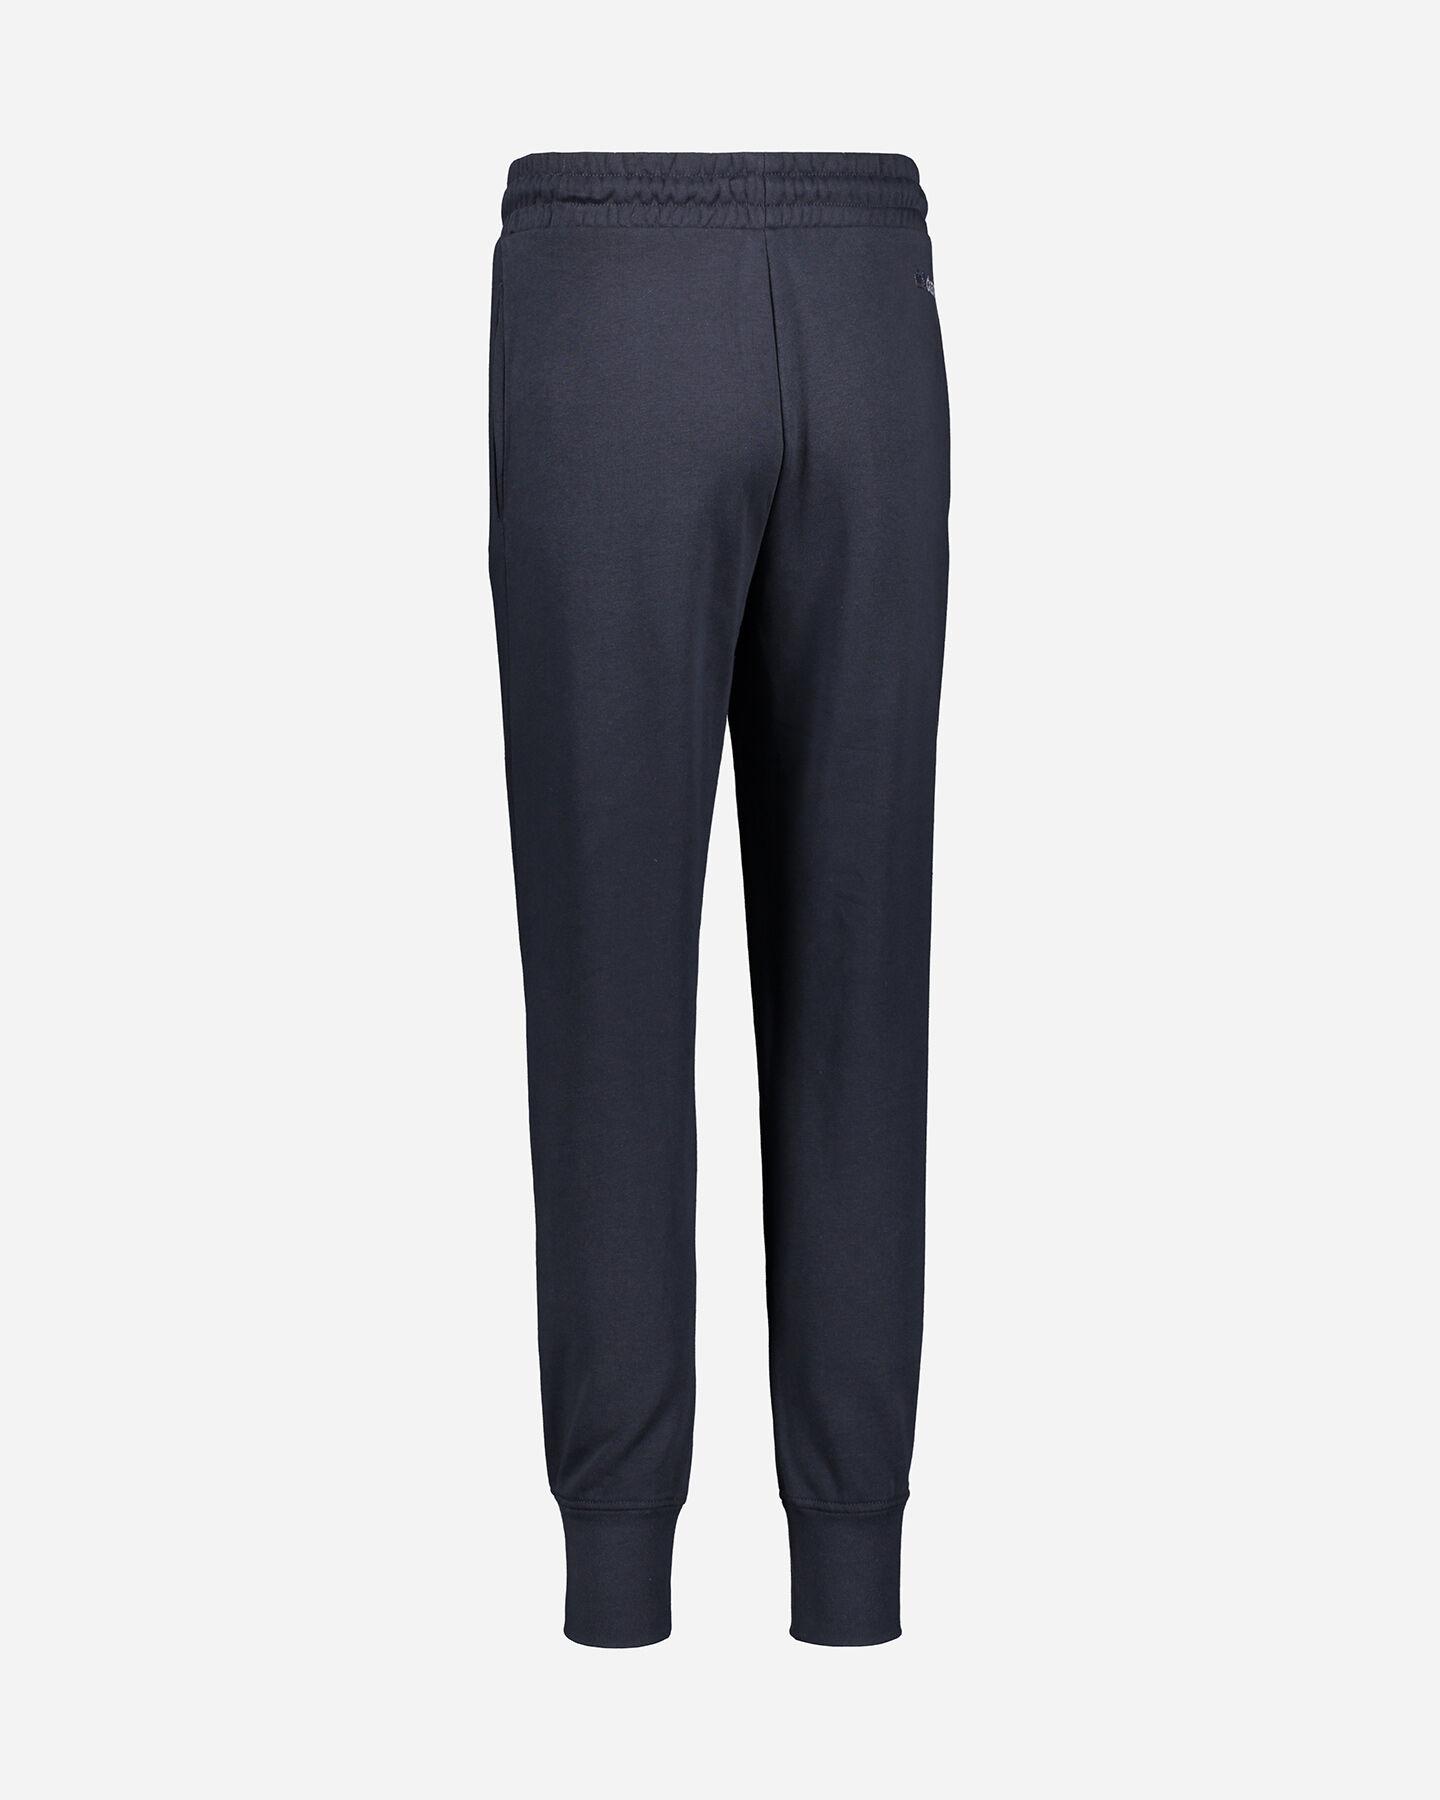 Pantalone ADMIRAL CLASSIC W S4080645 scatto 2